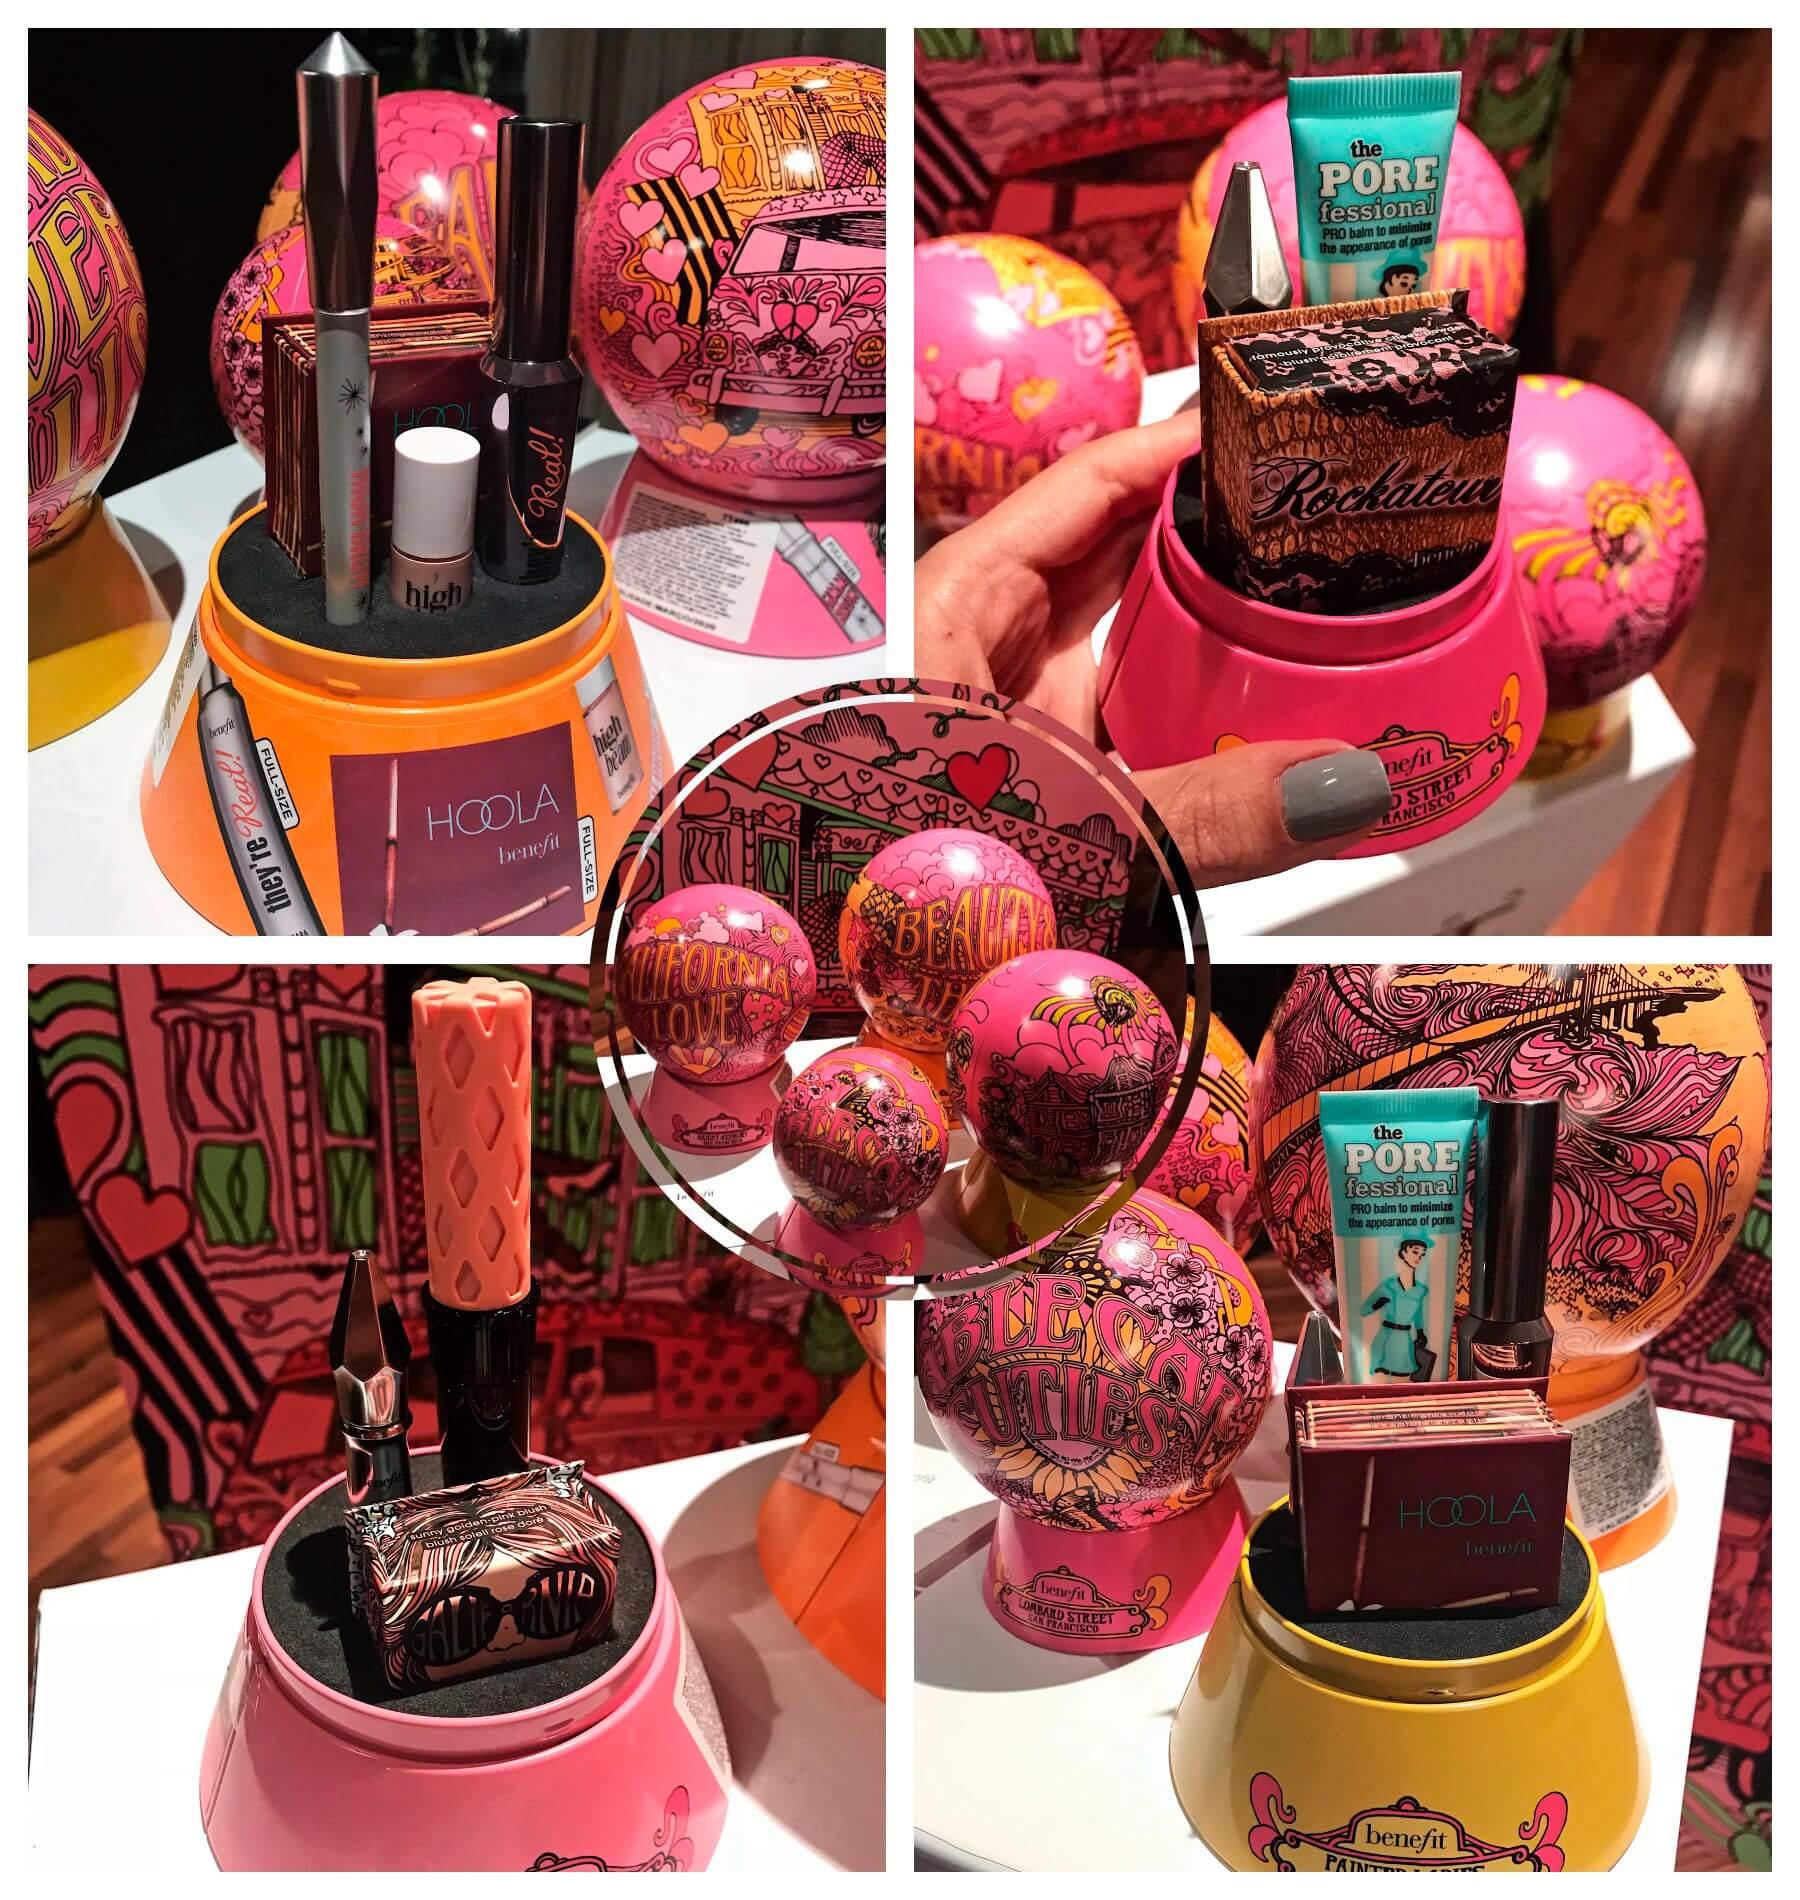 Lançamentos Sephora de Benefit, com quatro combinações diferentes de produtos, em embalagem especial, que imita o típico globo de neve natalino